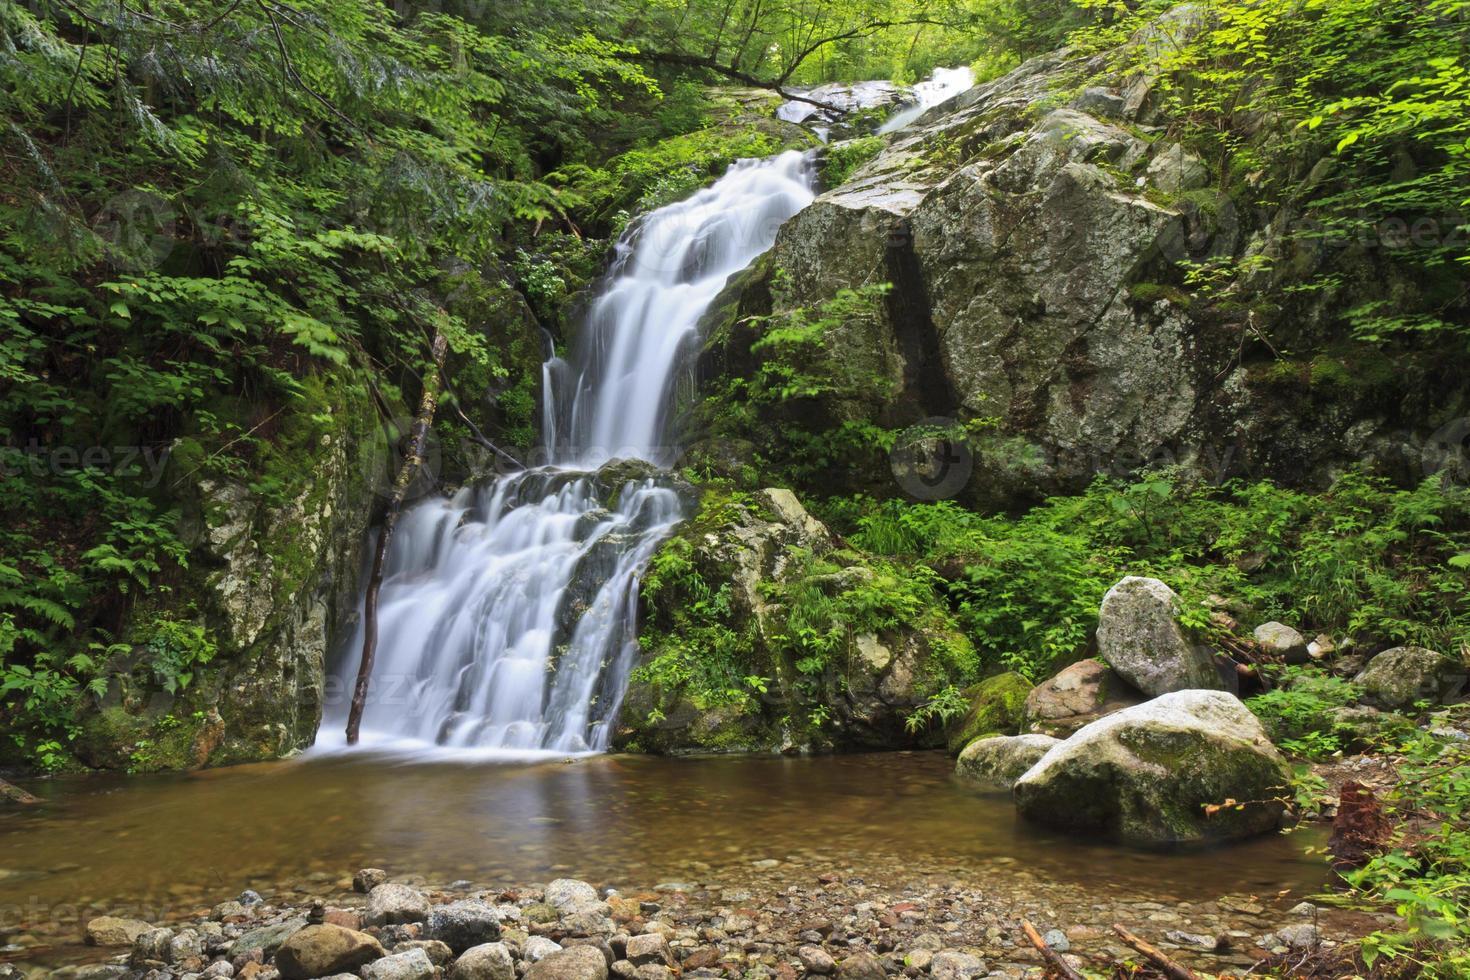 cuneo ruscello cascata e piscina rocciosa foto